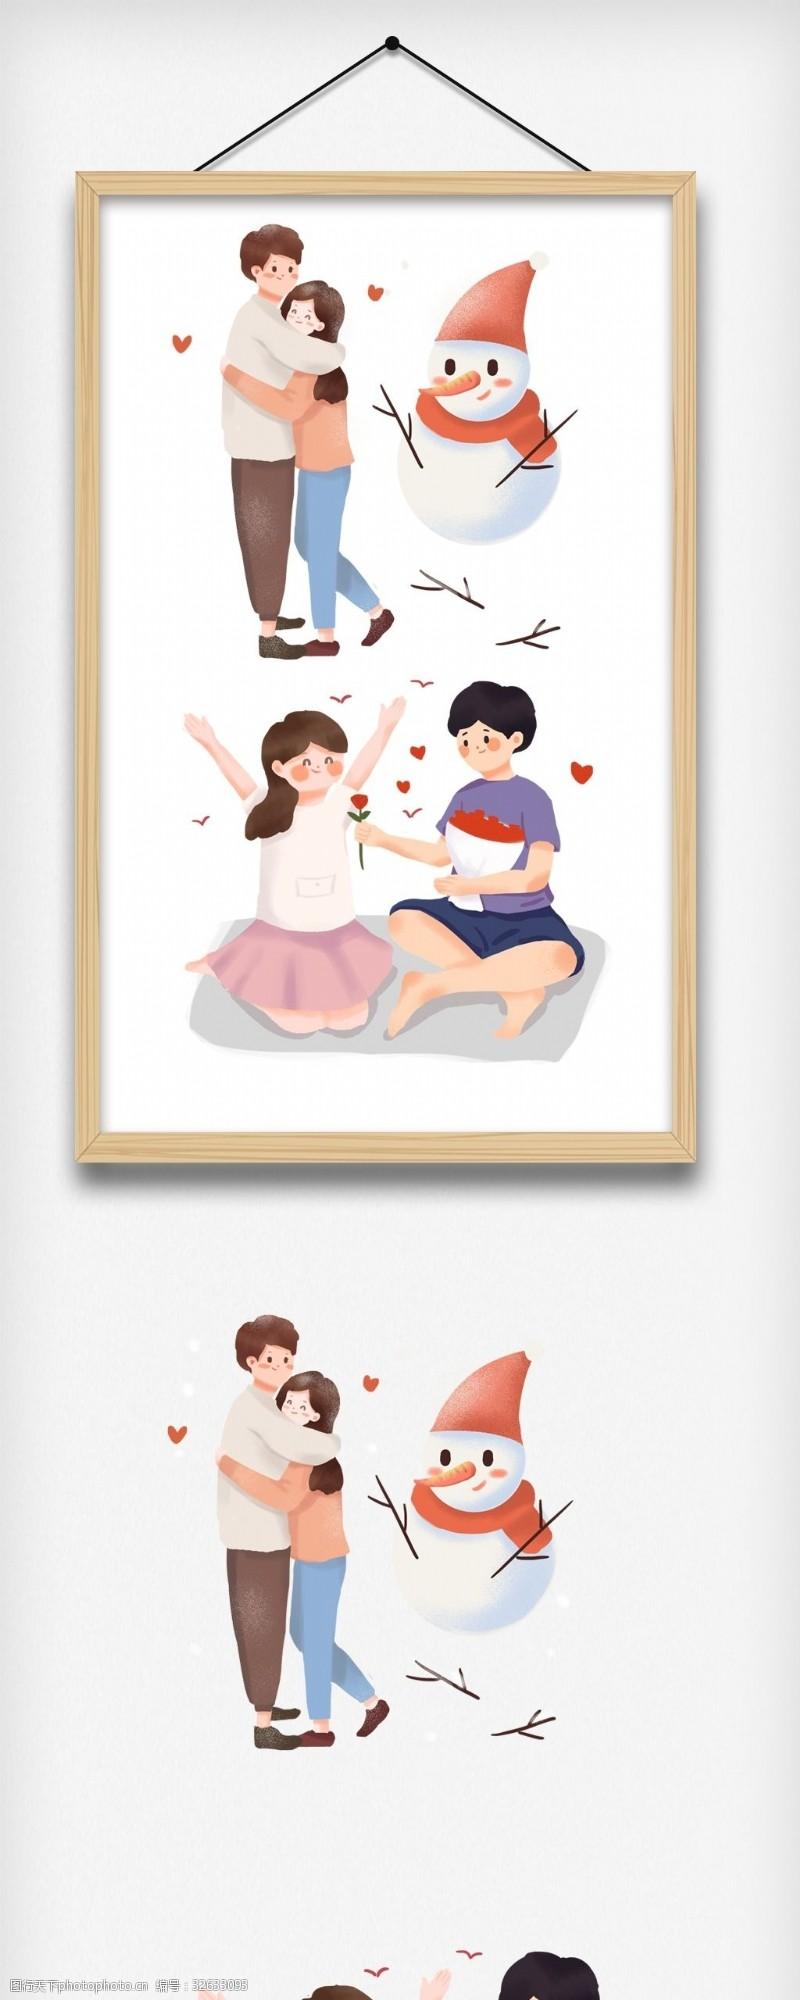 为爱祝福情人节小清新手绘插画元素